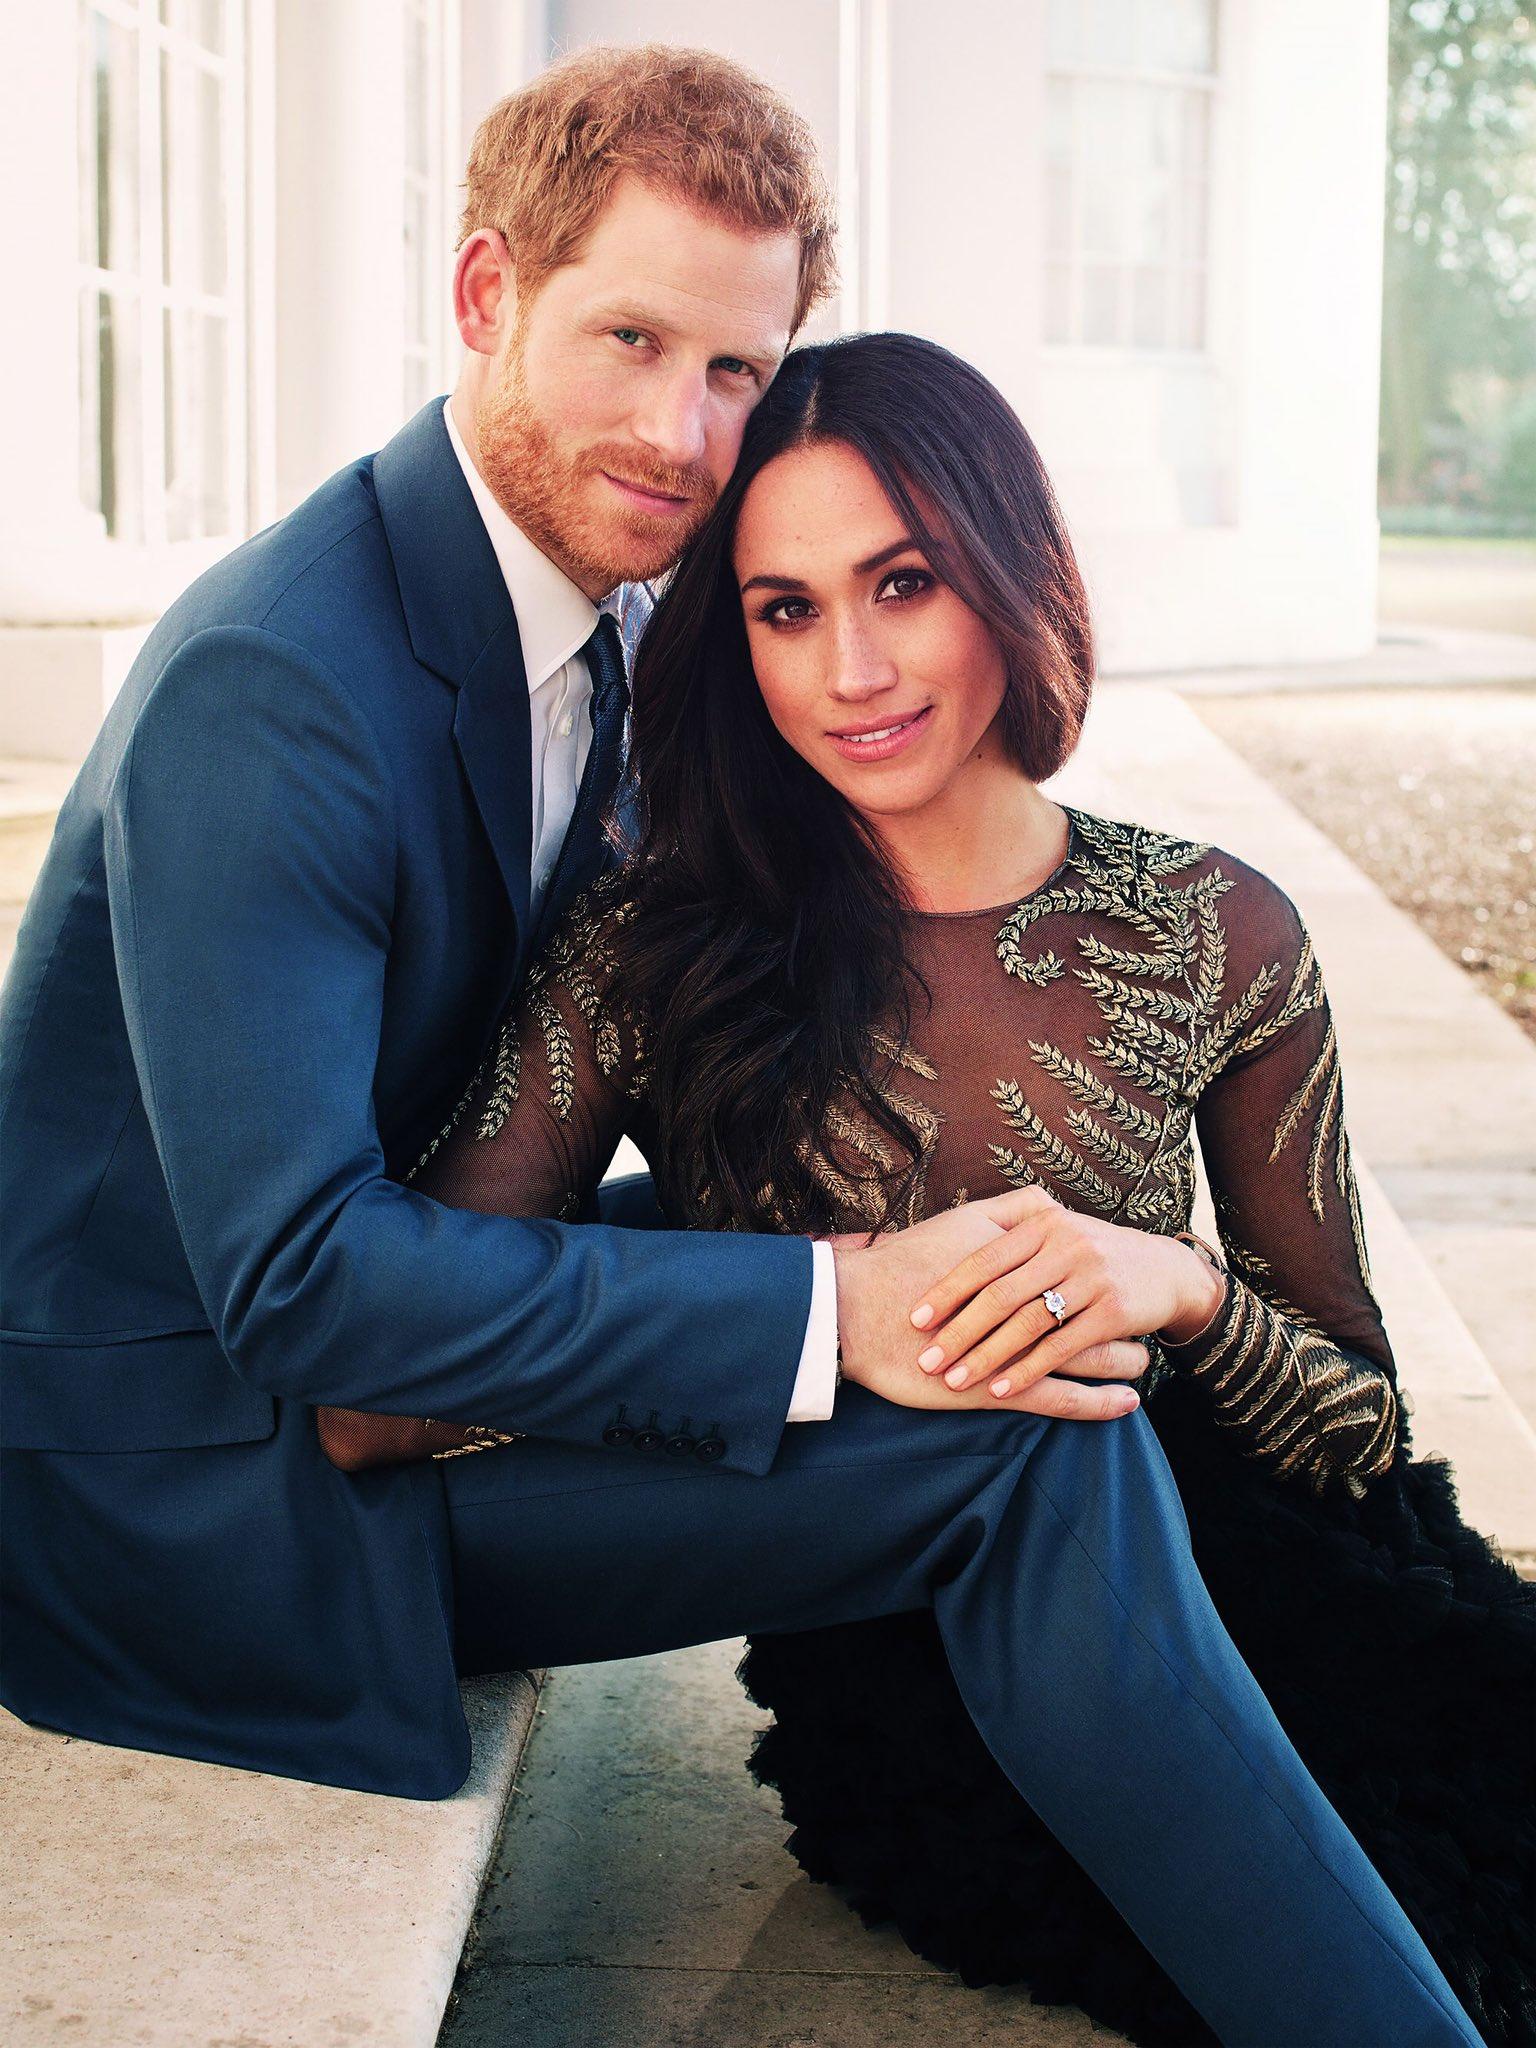 Gratulacje dla księcia Harry'ego i Meghan Markle z okazji ich zaręczyn!